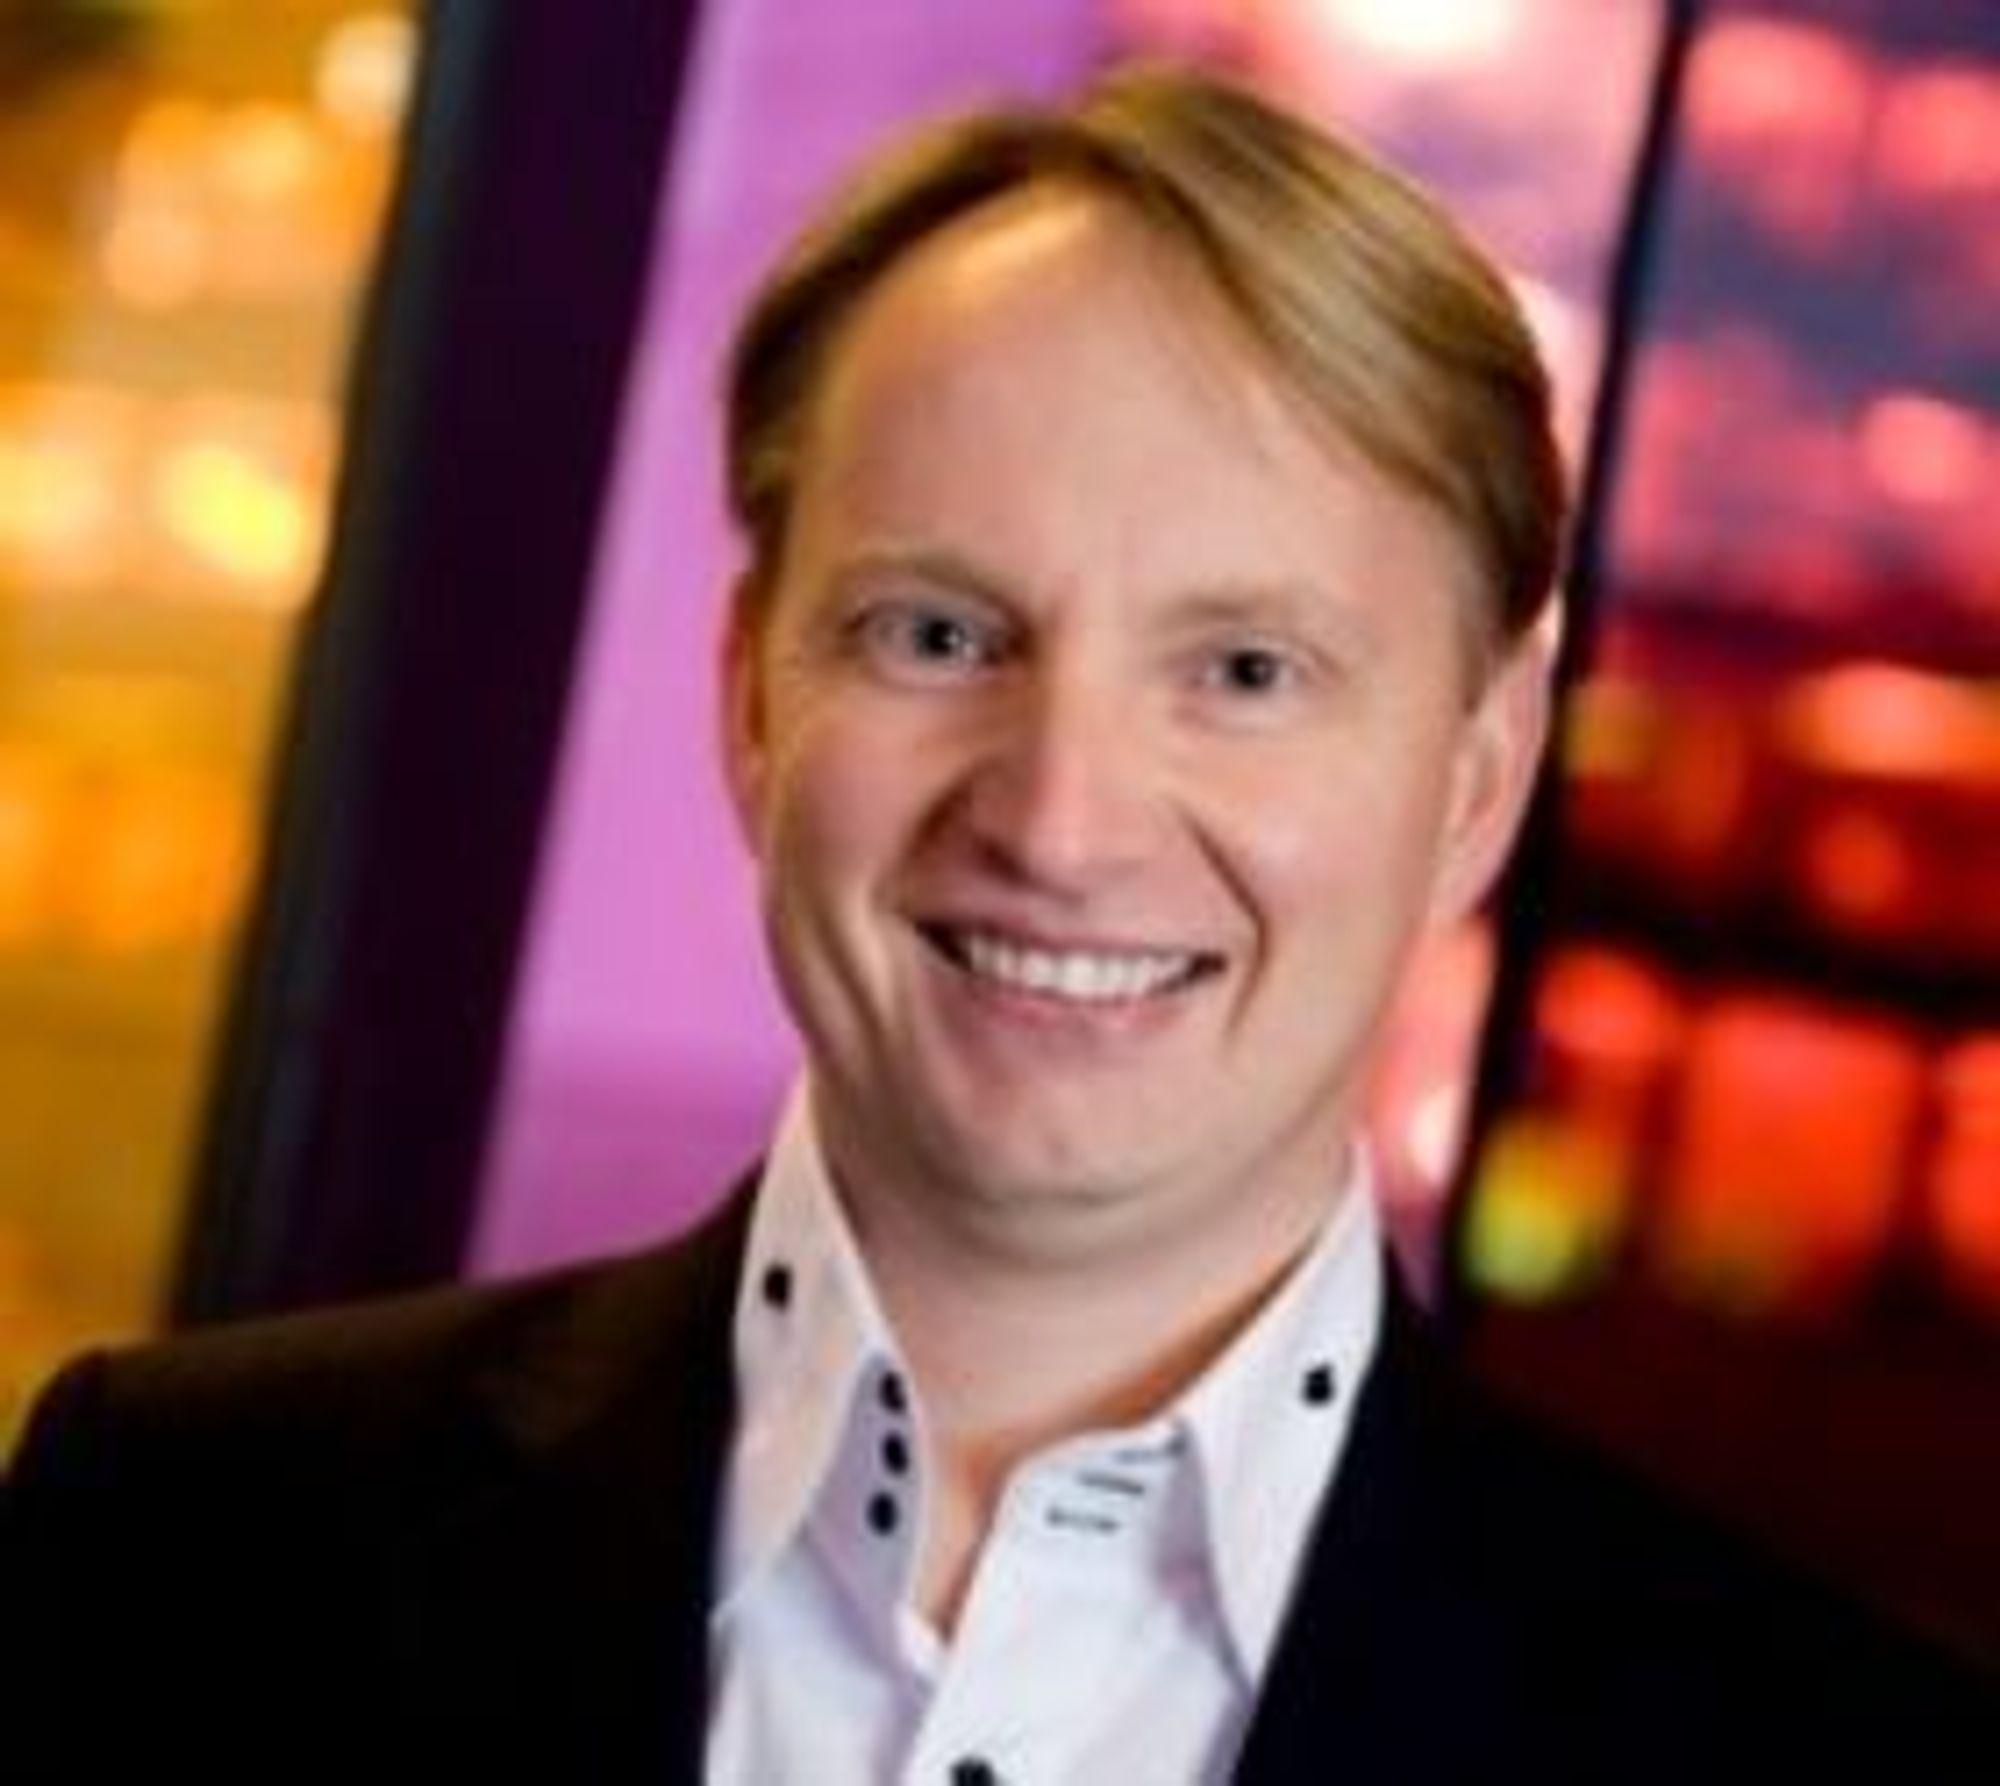 Filip Elverhøy håper at gratis frakt vil føre til at flere handler hos NetOnNet.